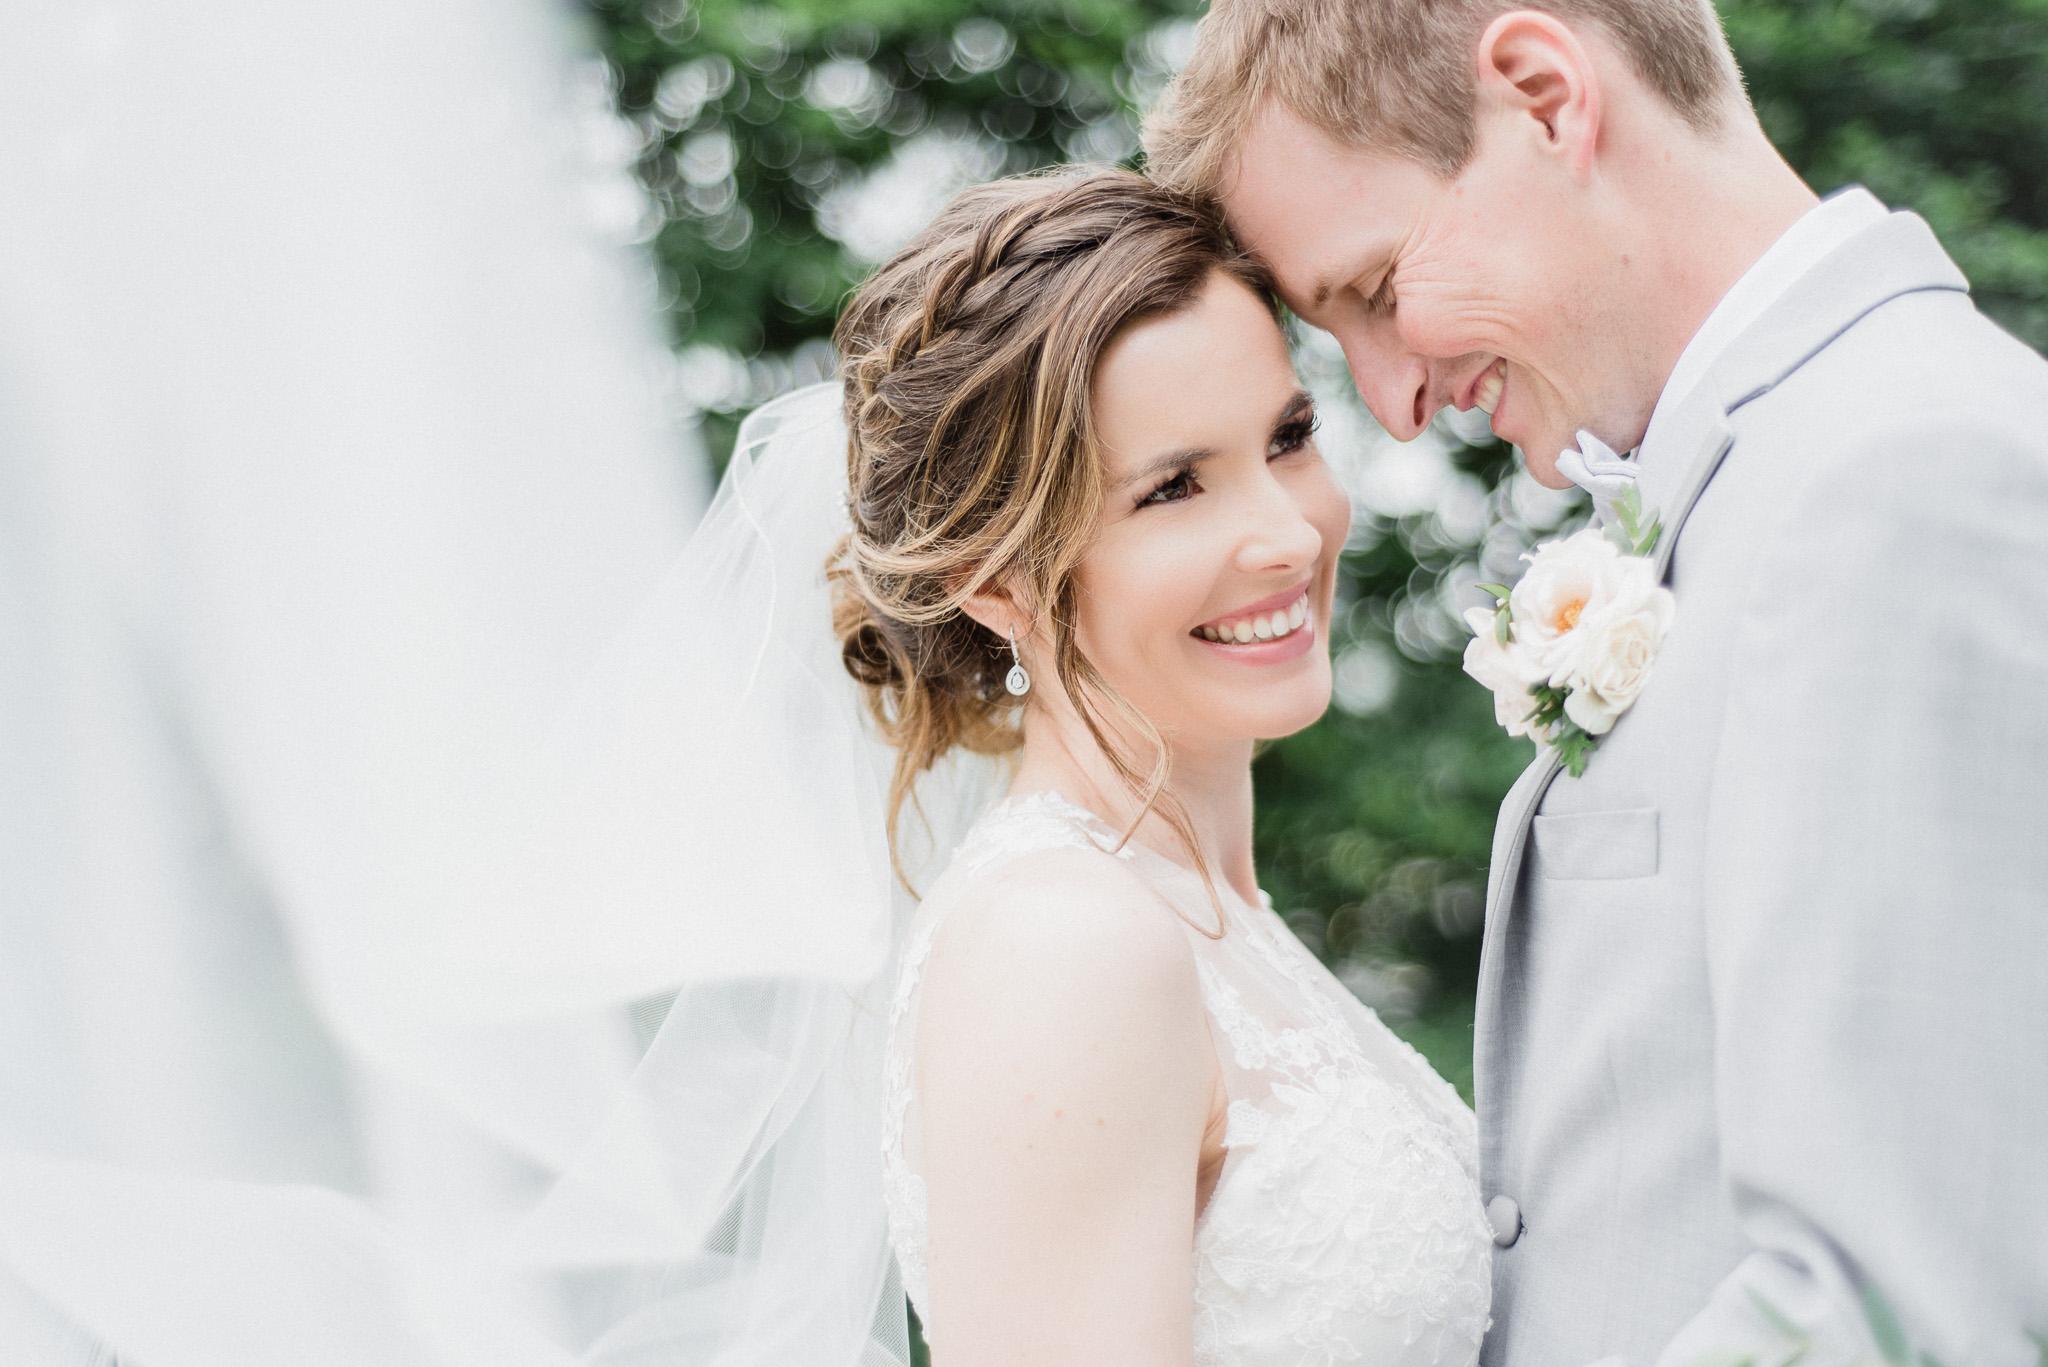 Crosswinds Golf & Country Club wedding photos by Jenn Kavanagh Photography